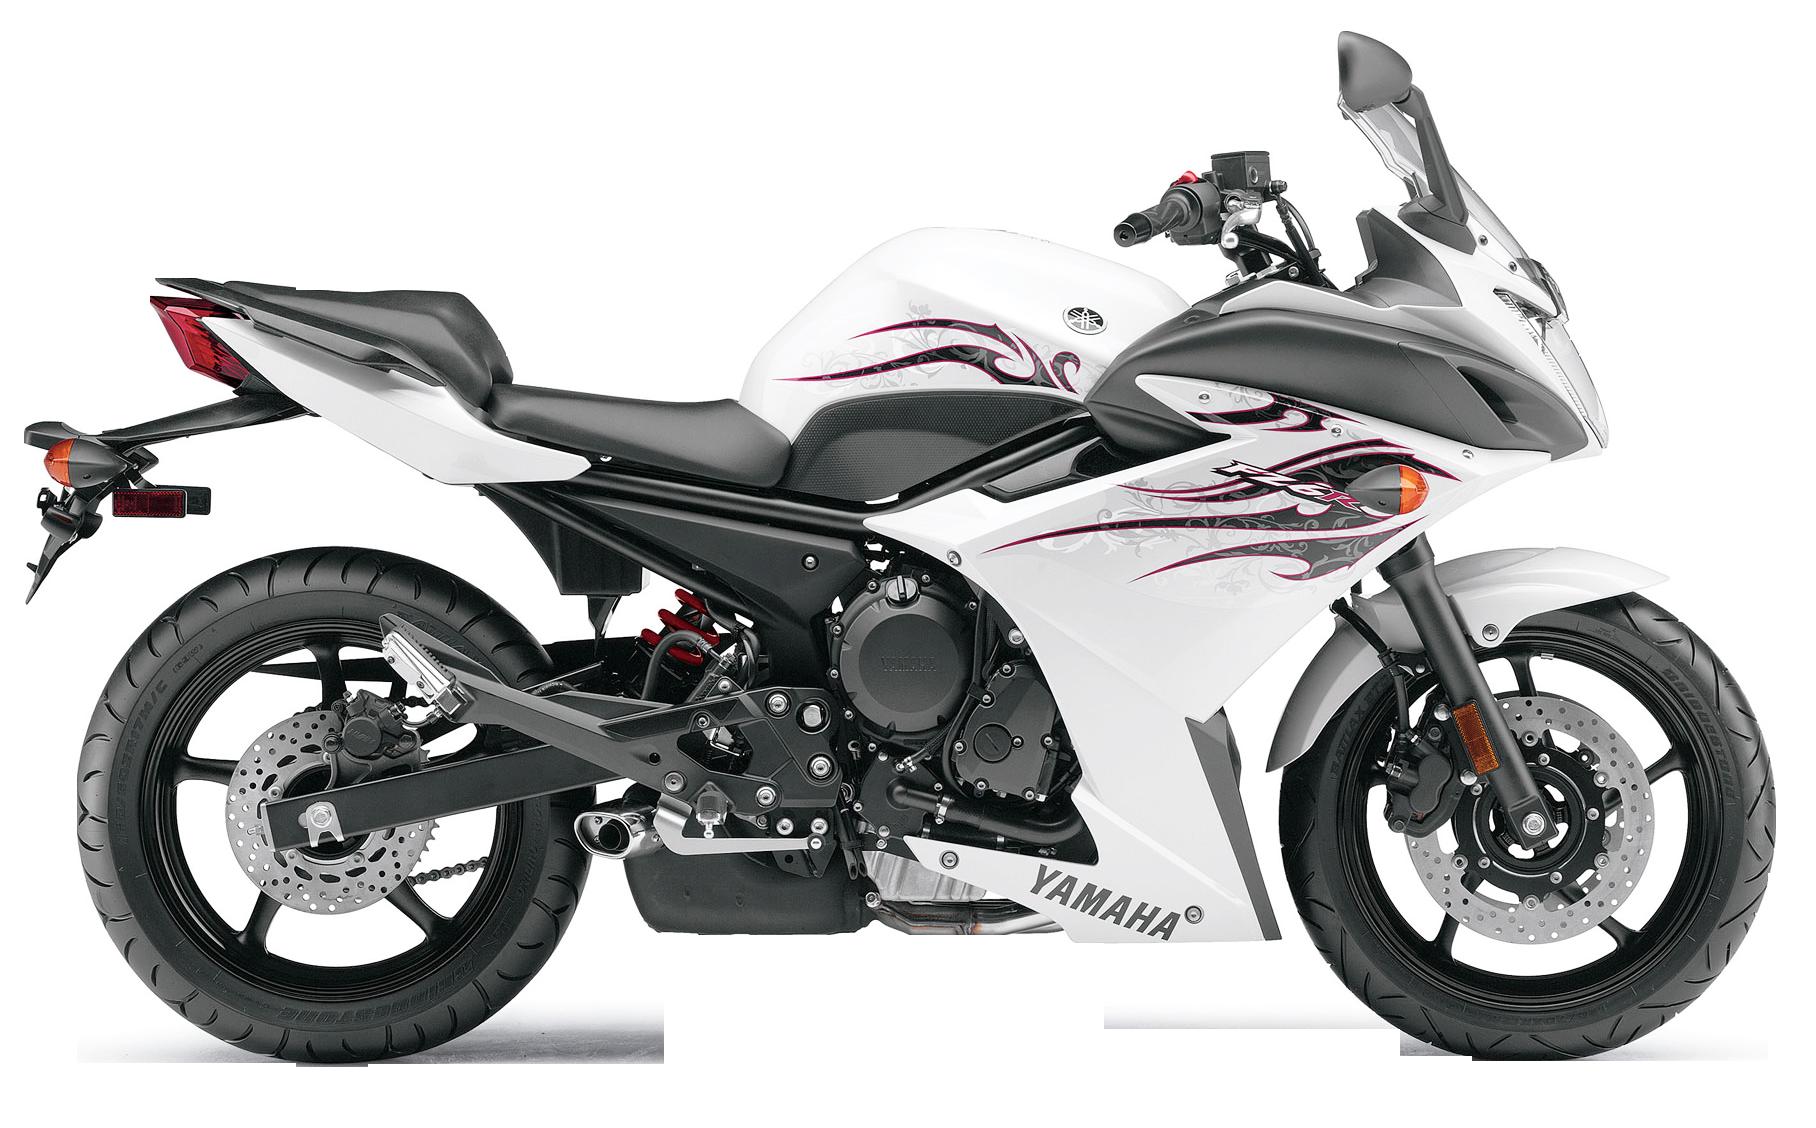 Yamaha YZF R1 PNG Image